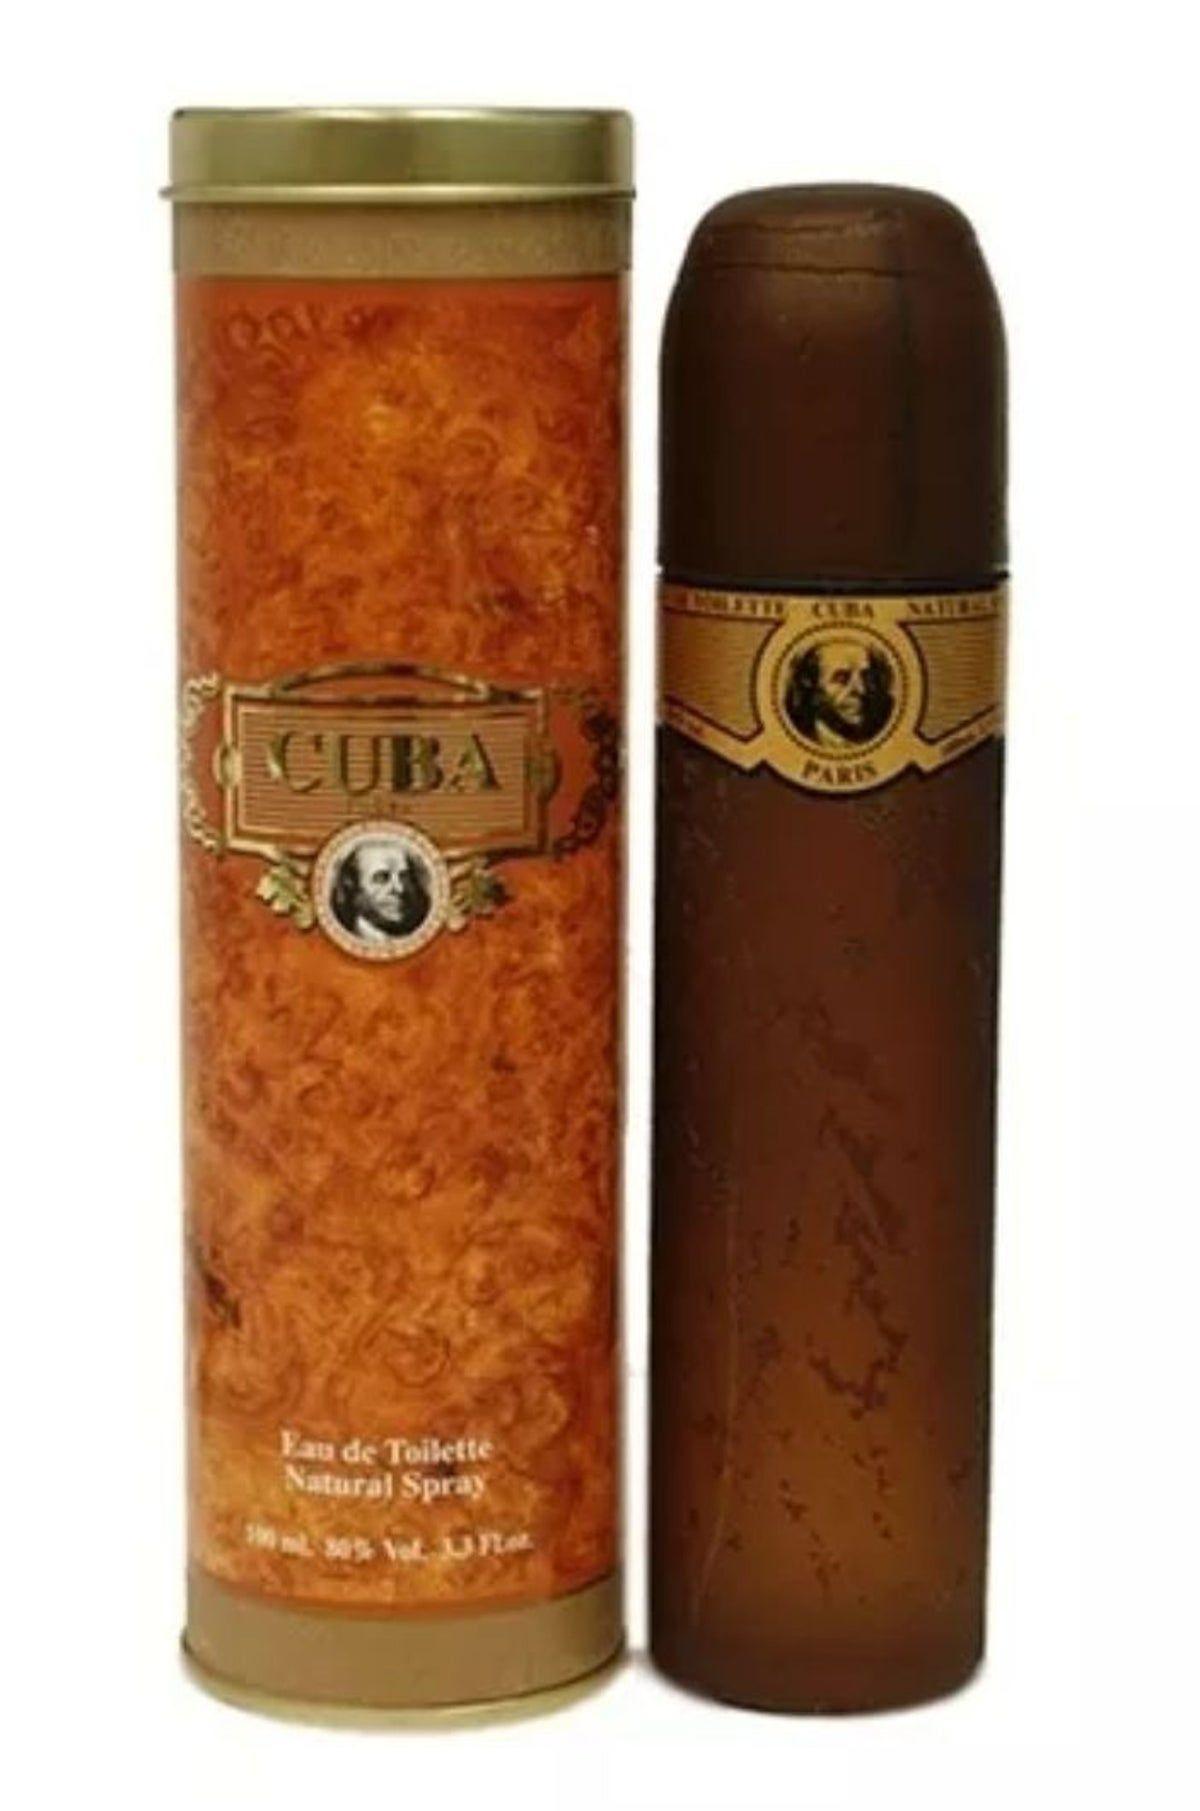 Cuba Gold Original Mens Cigar Cologne Men Perfume Eau De Toilette Fragrance